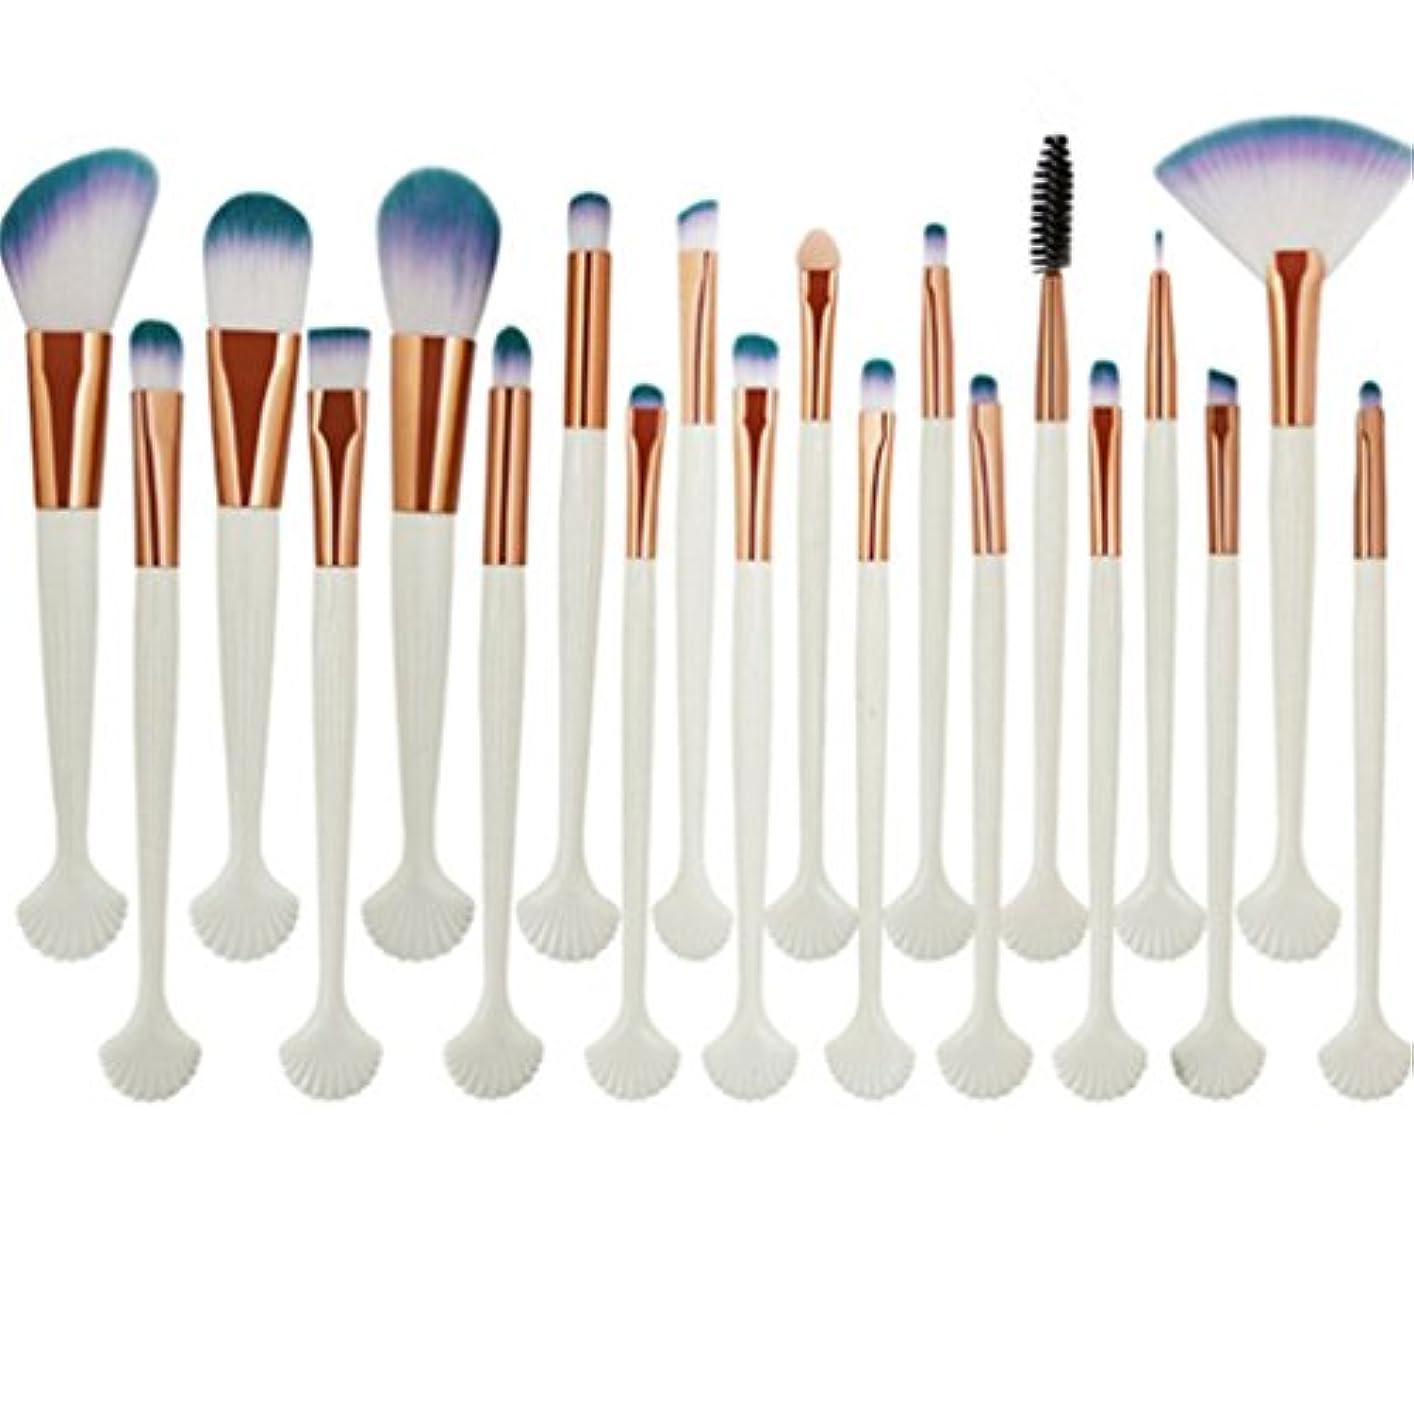 ガム矛盾ジュースBEE&BLUE メイクブラシ 20本セット 人気 化粧筆 化粧ブラシセット 柔らかい 毛量たっぷり メイクアップブラシ 敏感肌適用 プロメイクアップブラシ シェルメイクブラシ メイクツール フェイスブラシ